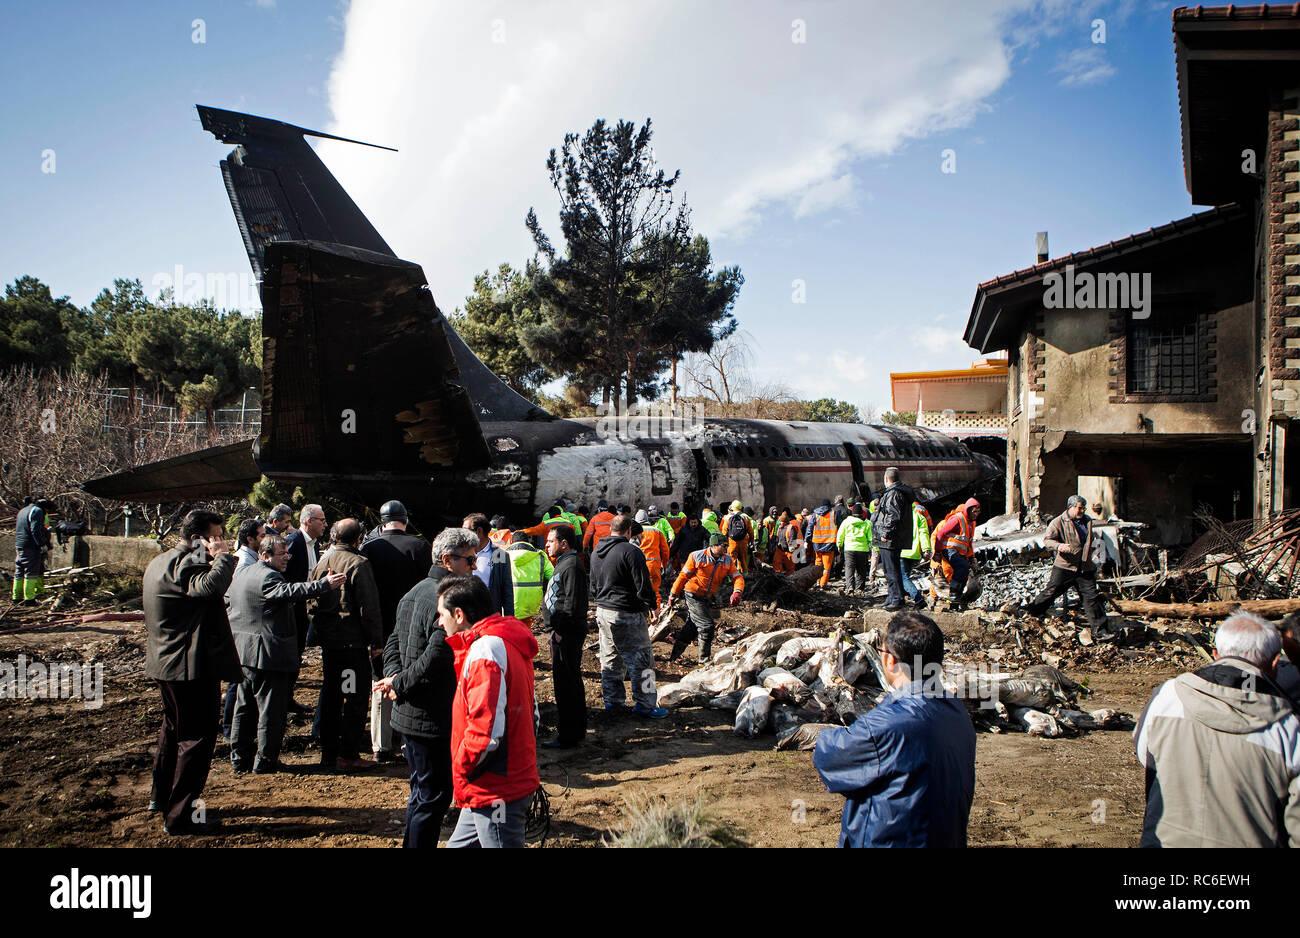 Karaj, Iran. Xiv gen, 2019. Soccorritori lavoro presso il sito del crash di un Boeing 707 piano in Karaj, Iran, 14 gennaio 2019. Almeno 15 persone sono state uccise il lunedì in crash. Credito: Ahmad Halabisaz/Xinhua/Alamy Live News Immagini Stock